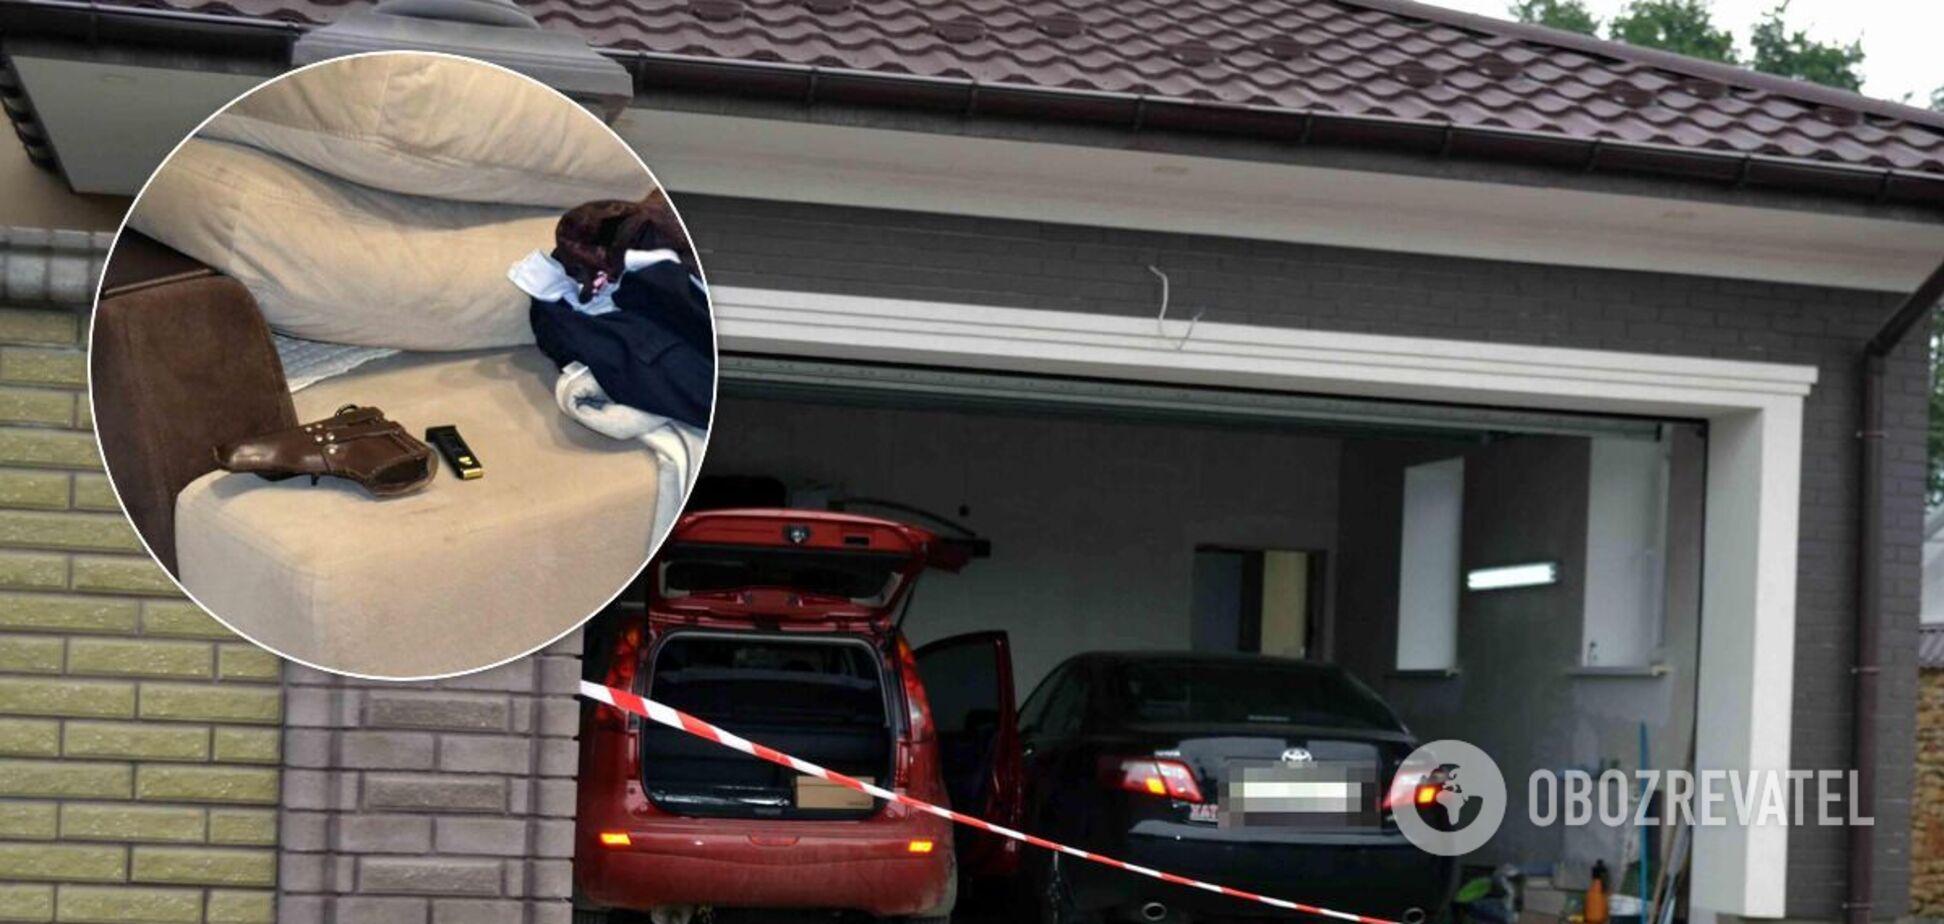 На Рівненщині викладачка застрелила чоловіка й поранила дочку. Подробиці і фото 18+